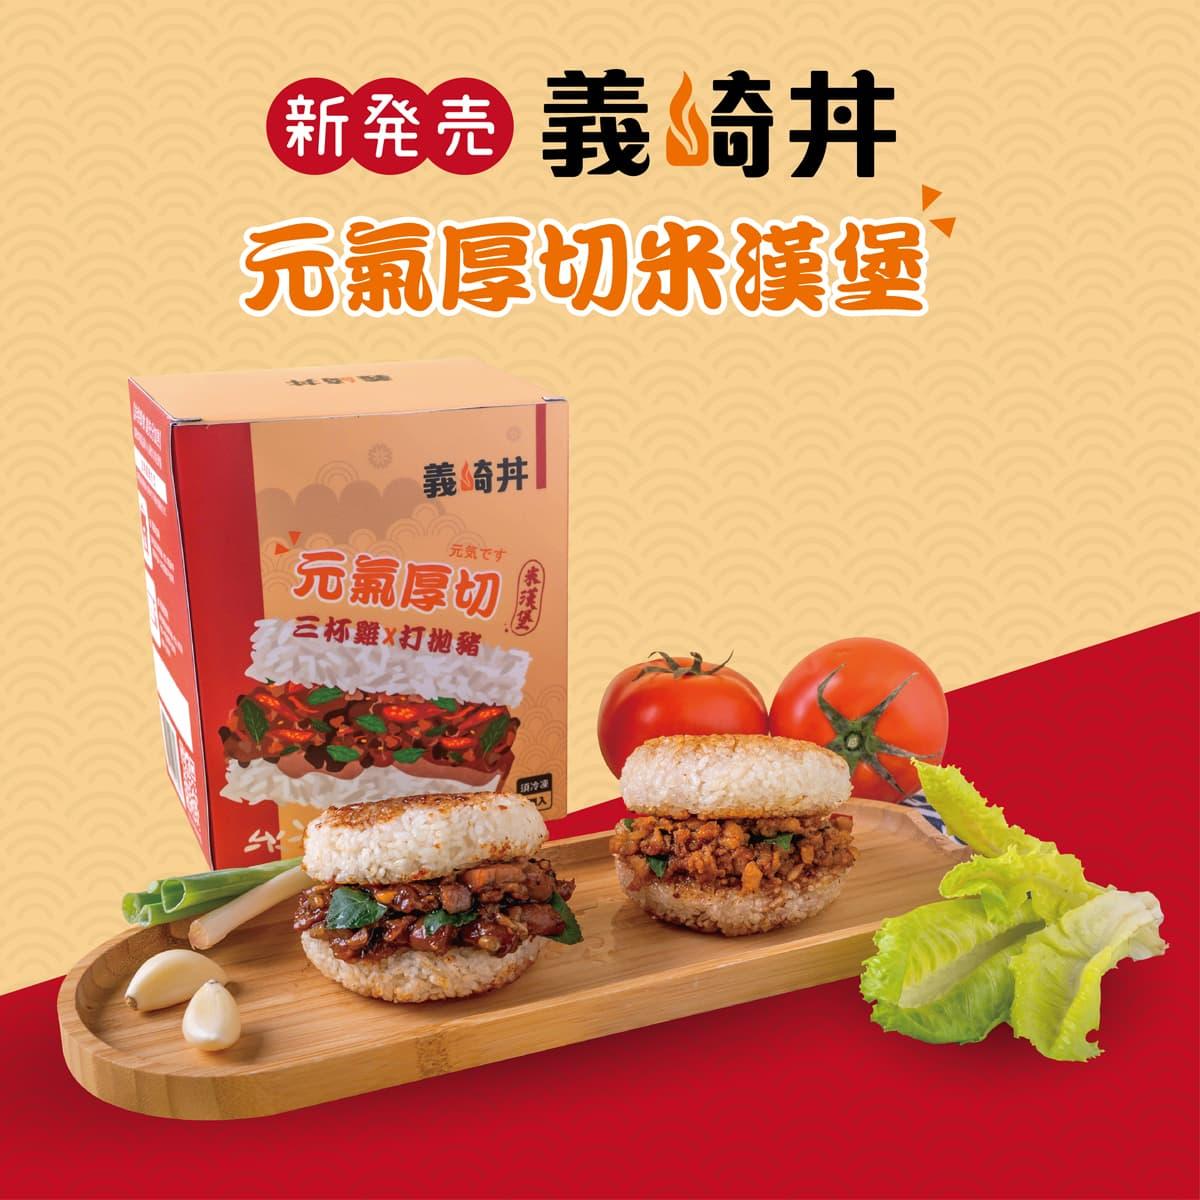 【義崎丼】元氣厚切米漢堡 6入x4盒 (三杯雞*3+打拋豬*3) 免運